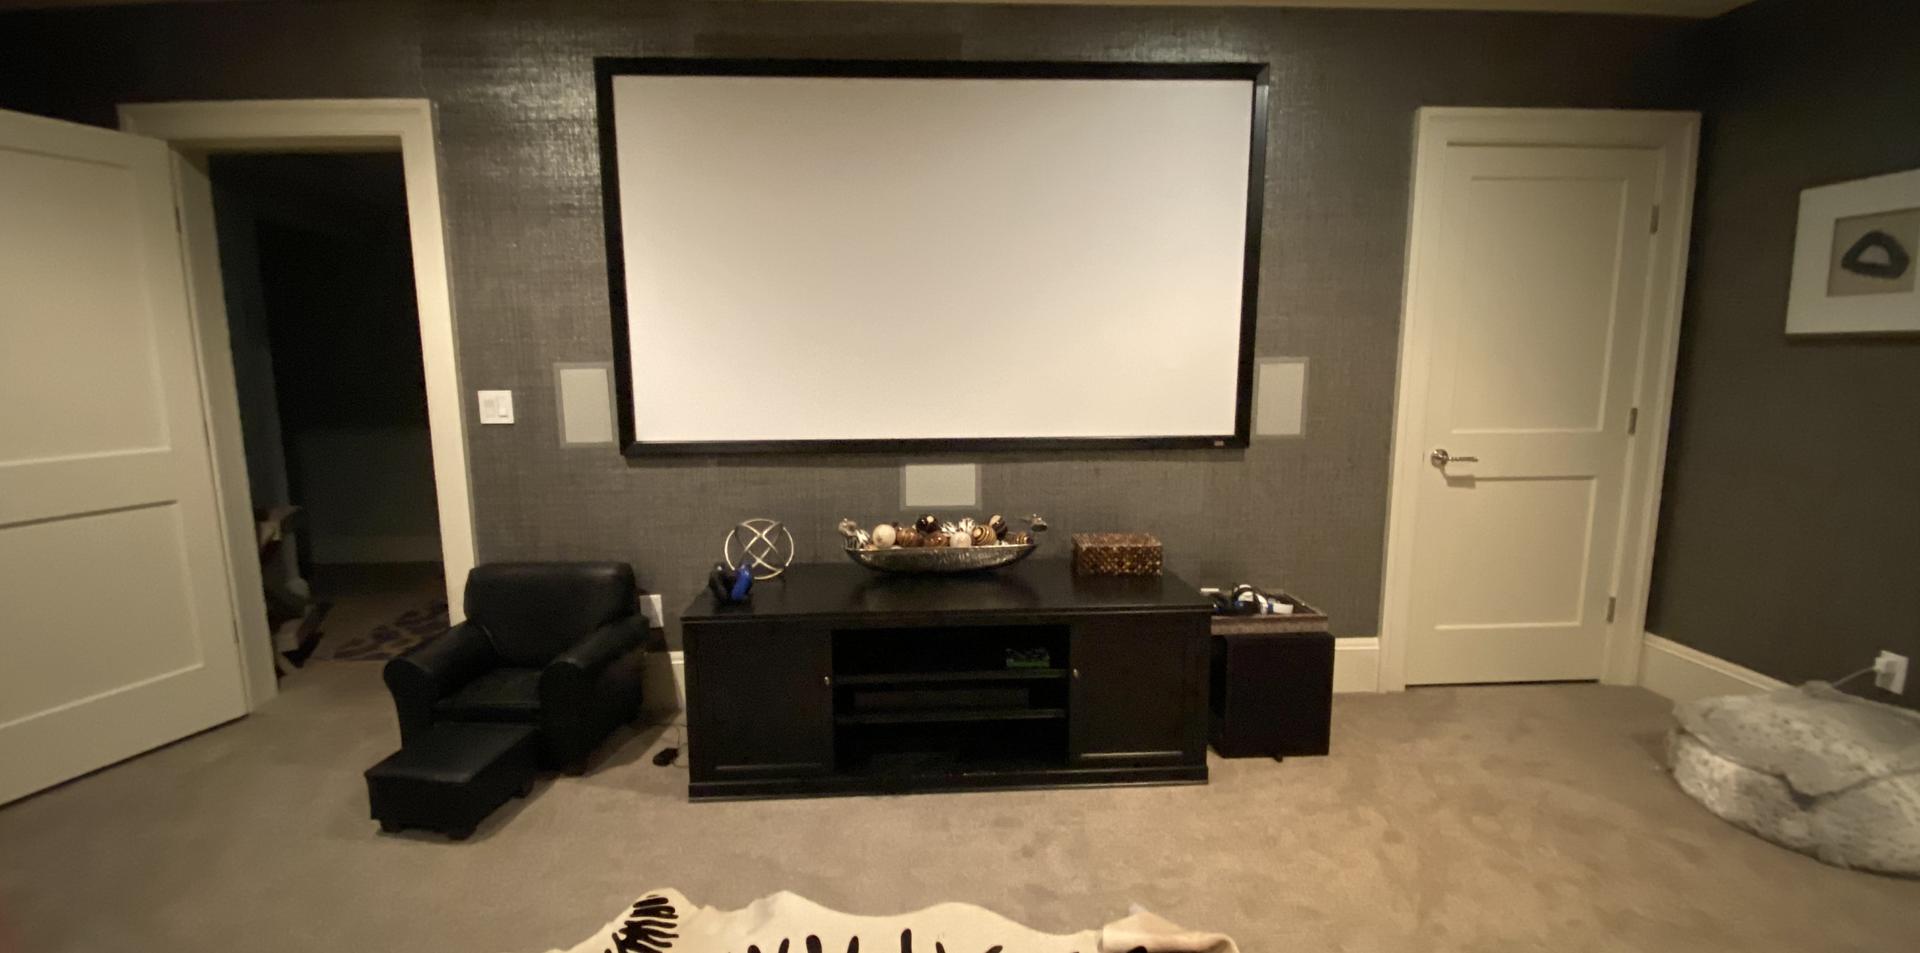 Theater Screen